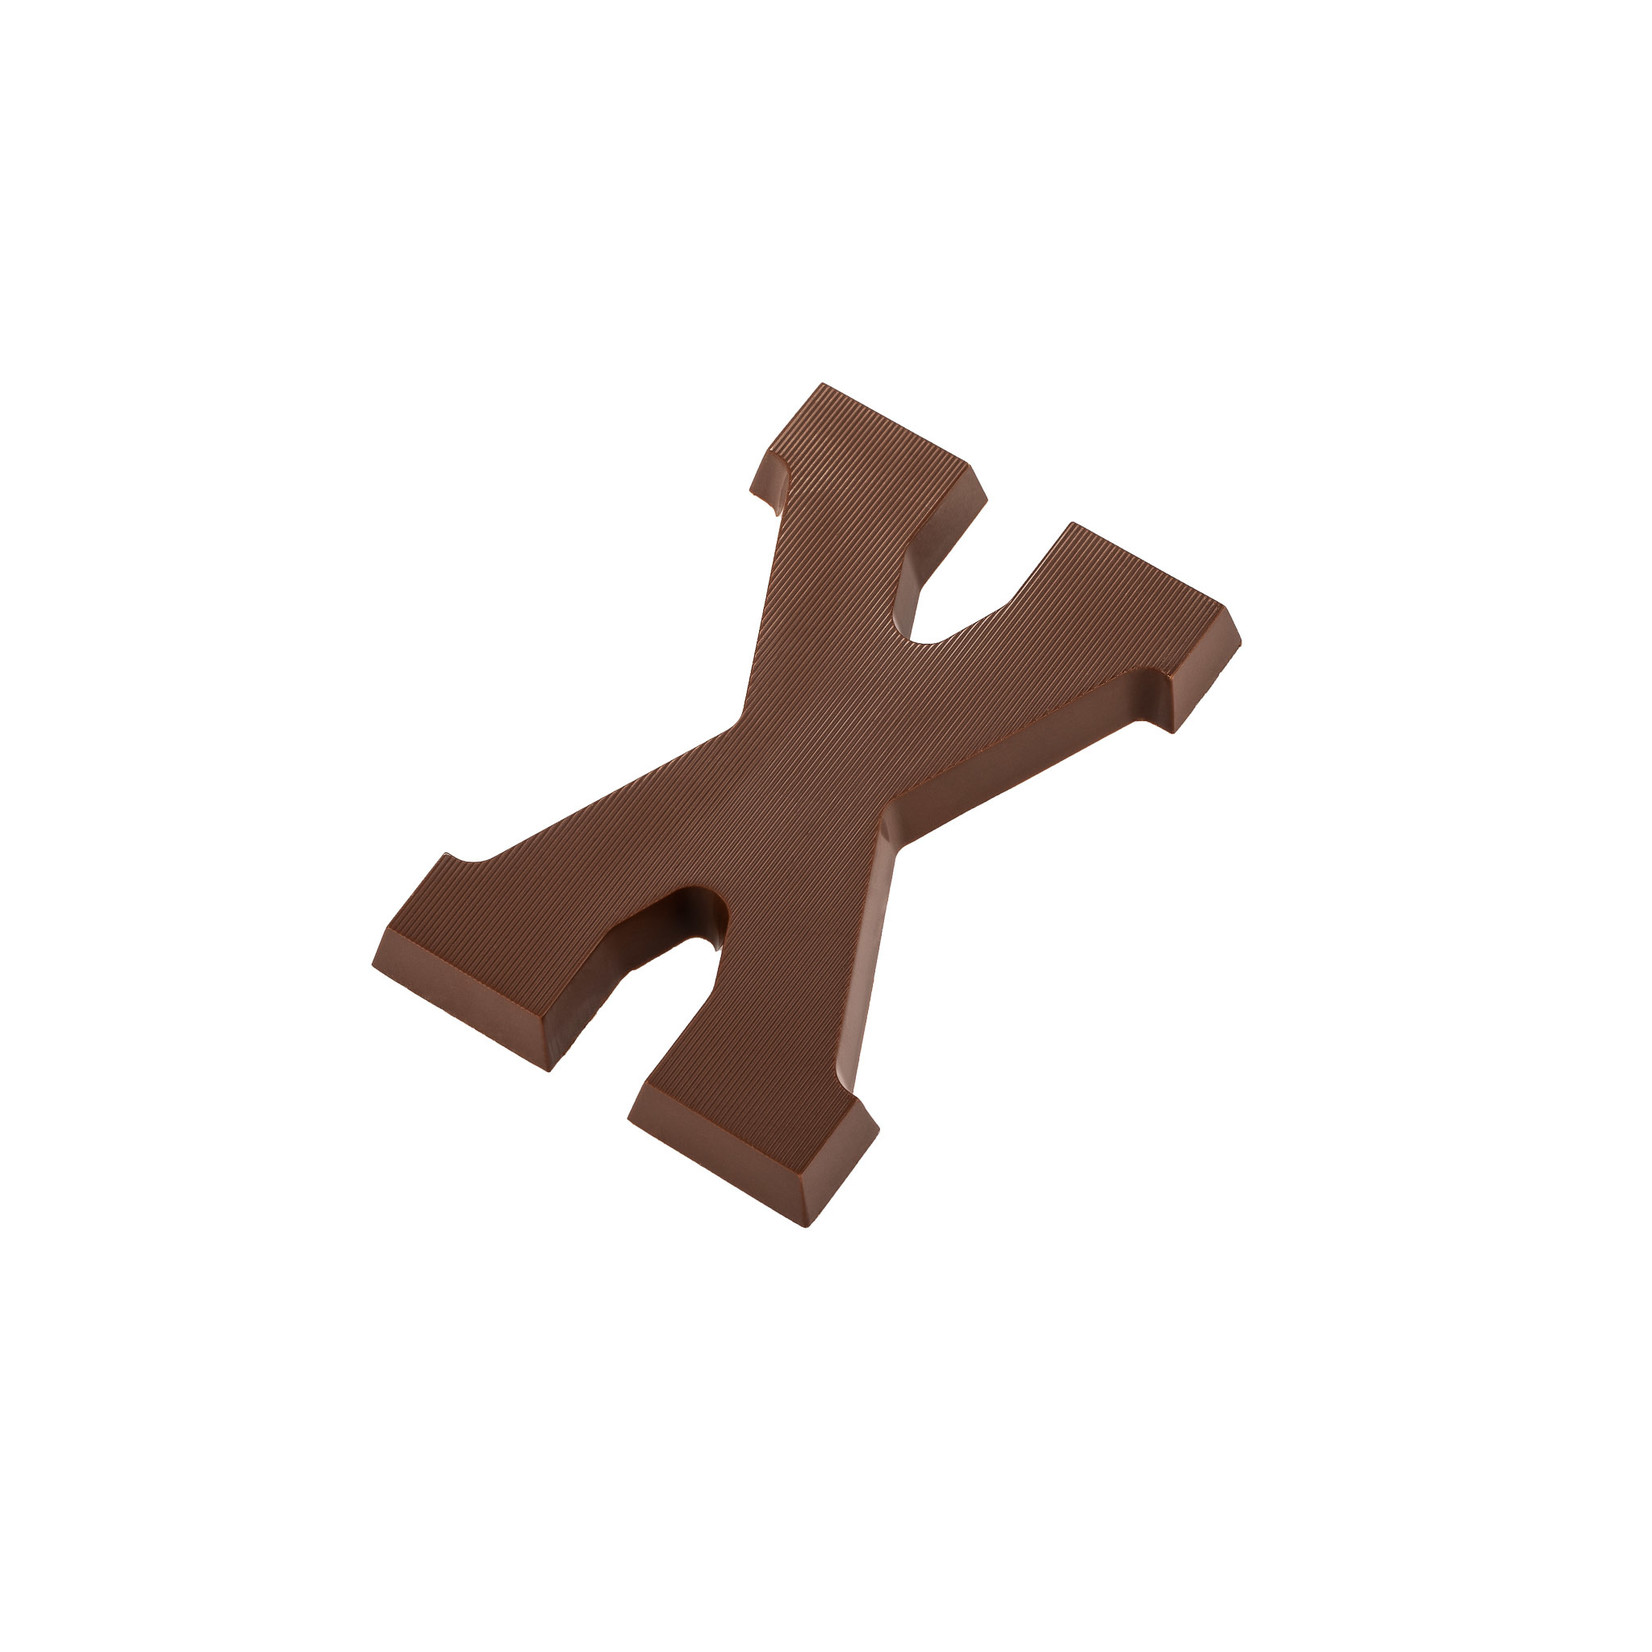 Chocolade letter - Melk